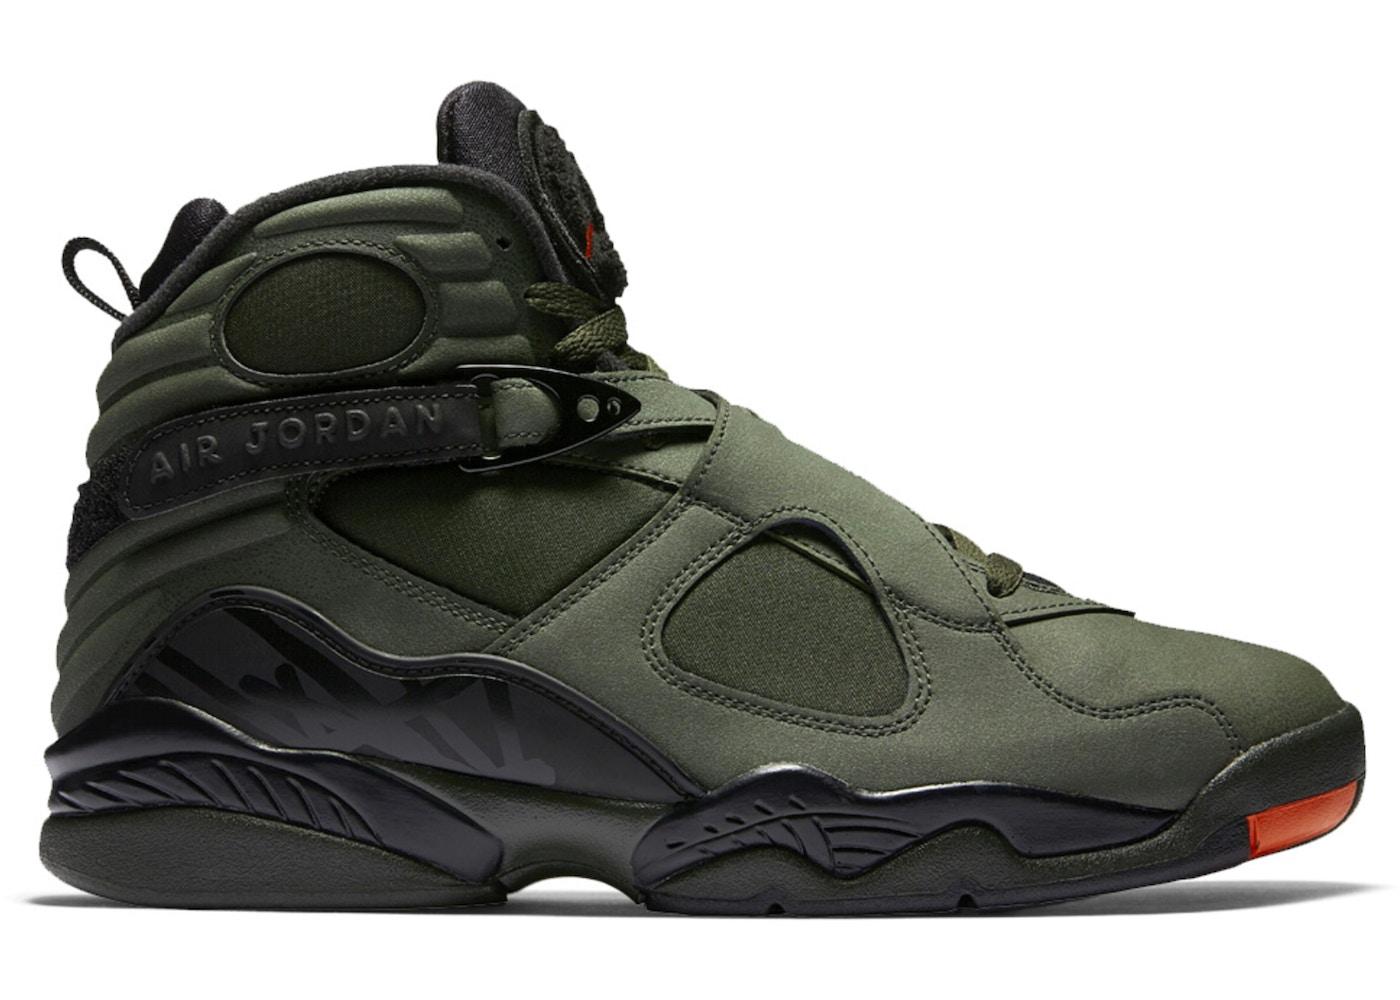 0b5d8b125311 Buy Air Jordan 8 Shoes   Deadstock Sneakers